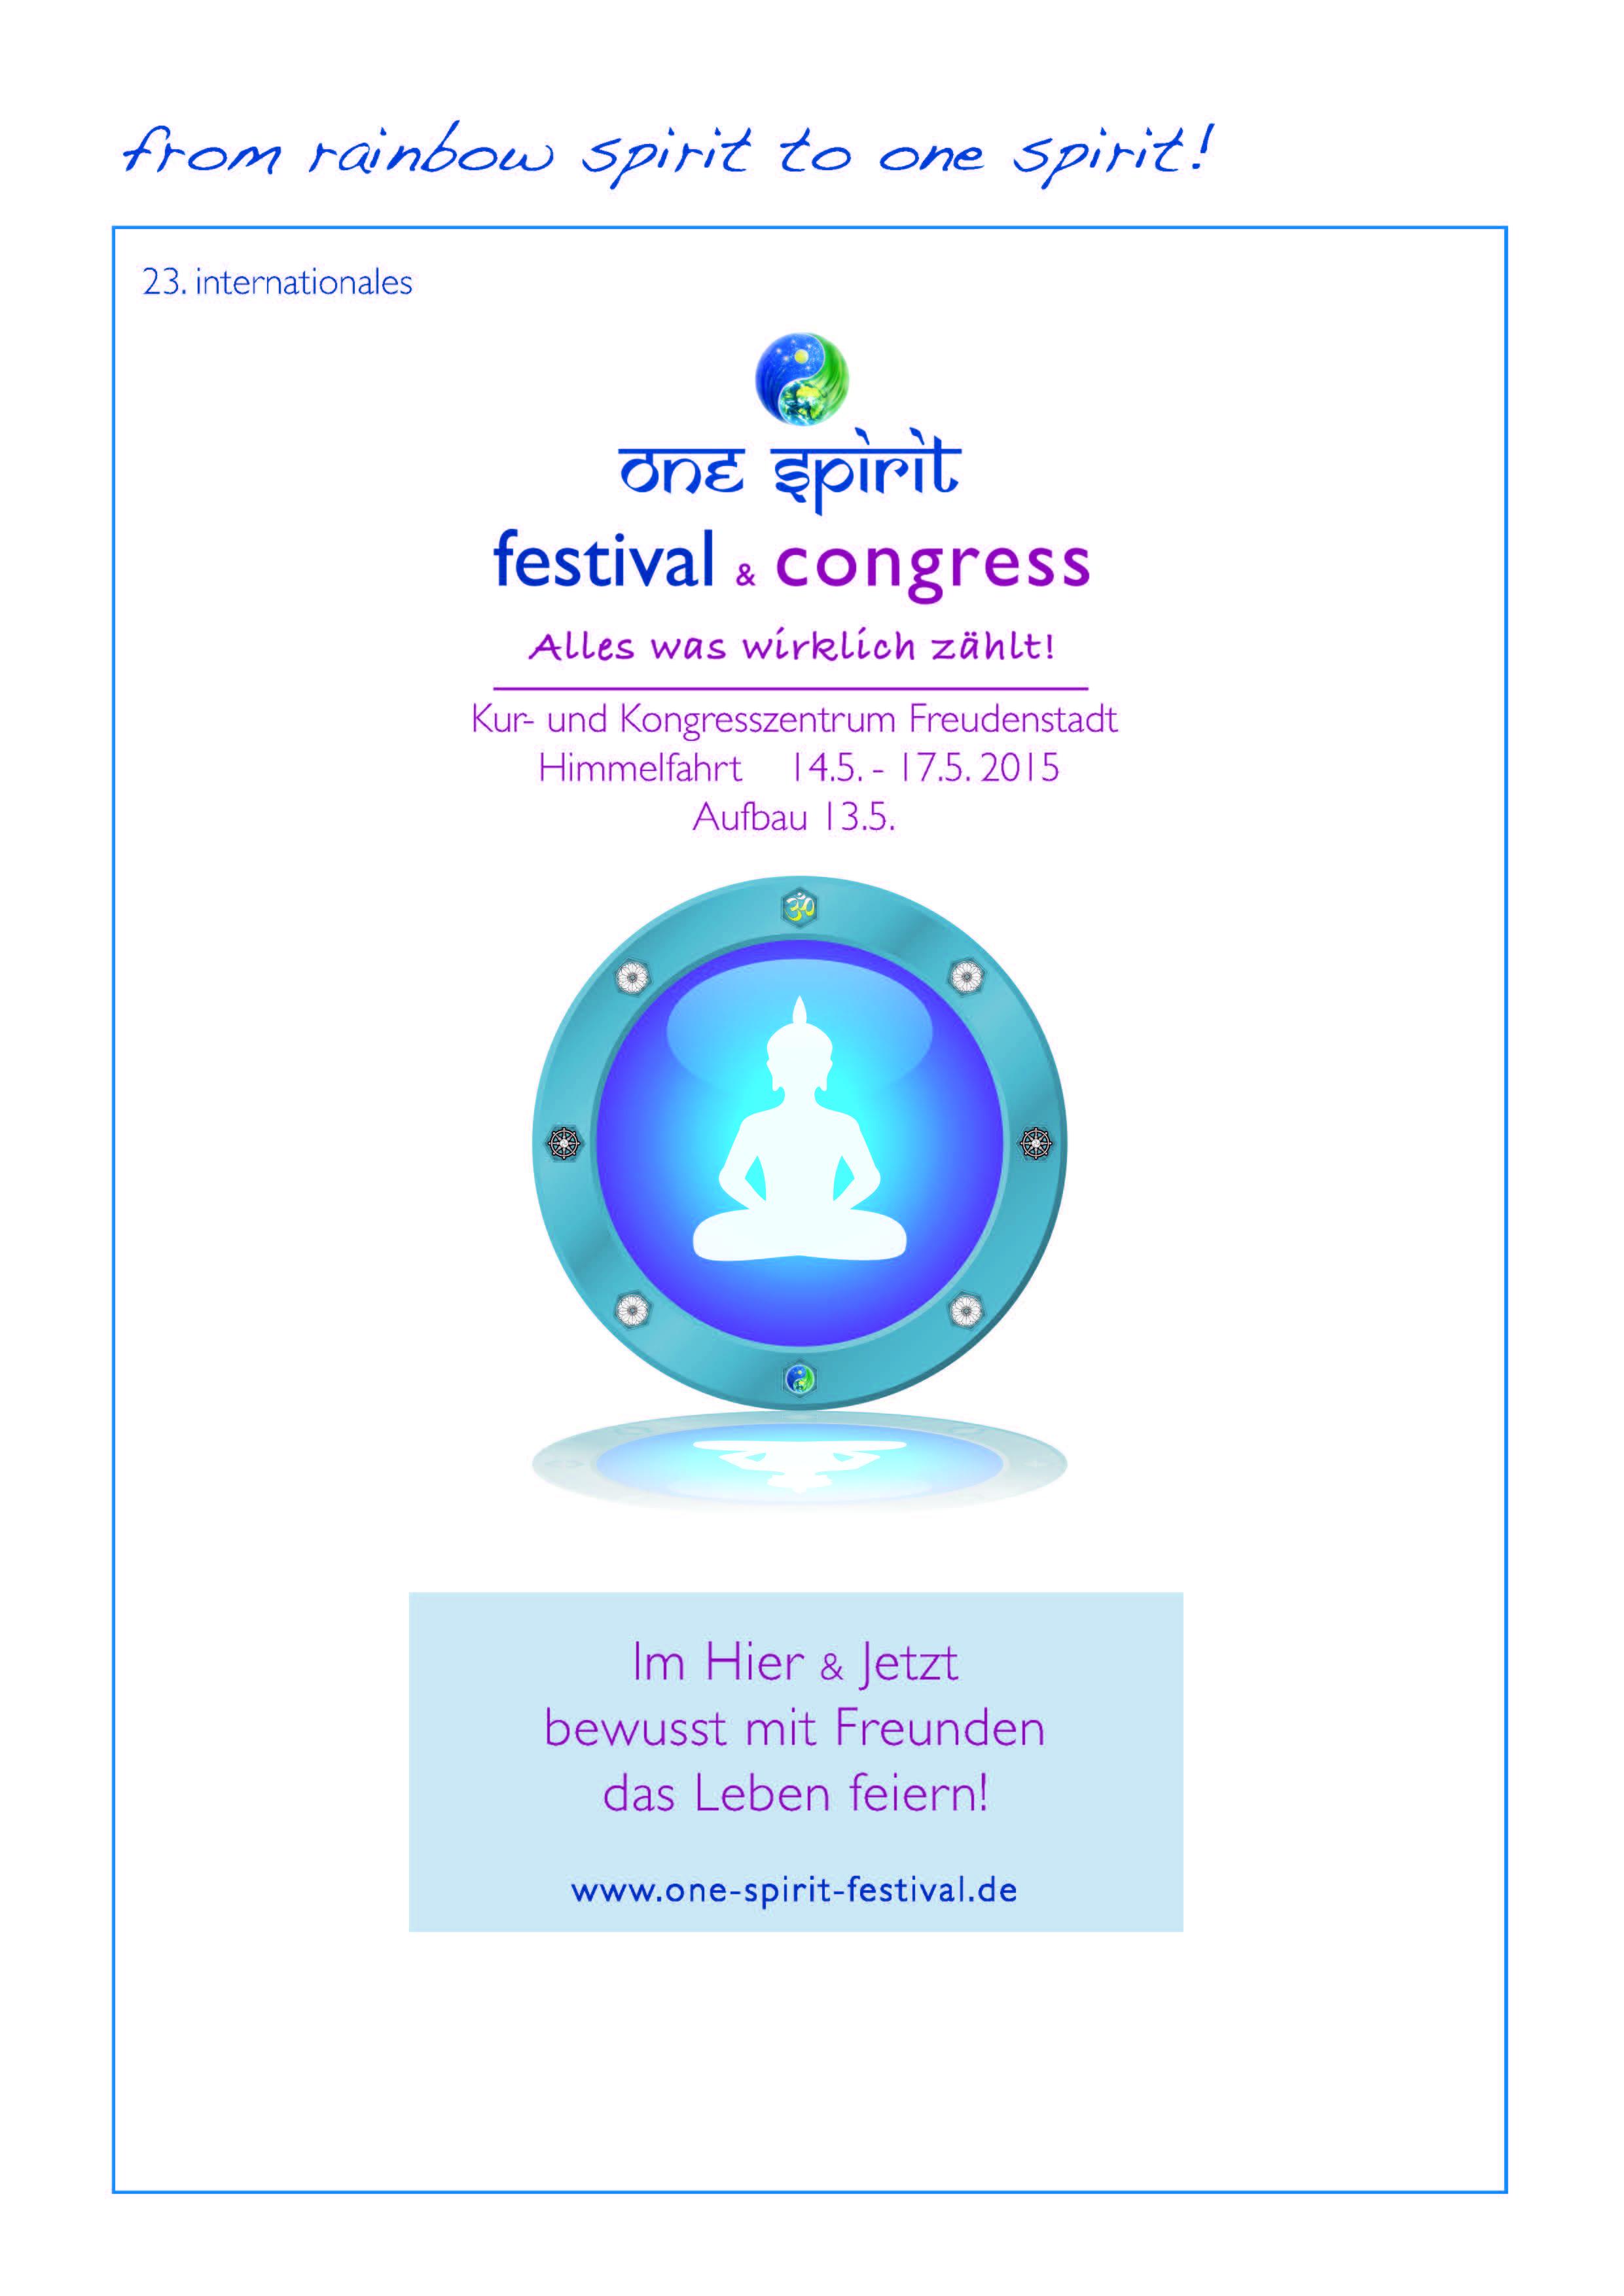 Weitere Informationen entnehmen Sie hier: www.one-spirit-festival.de